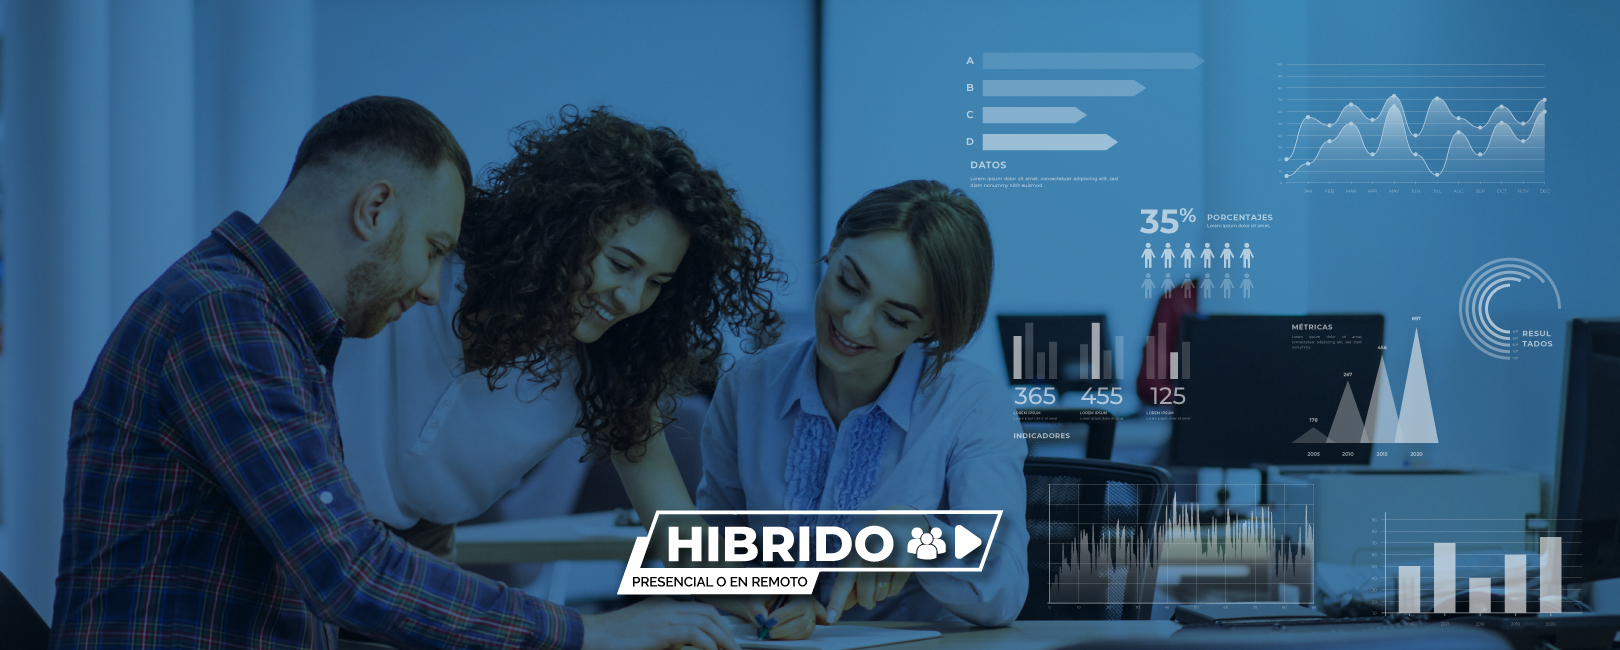 Programa Cómo construir indicadores útiles para la mejora interna y externa de nuestra organización. Formato híbrido